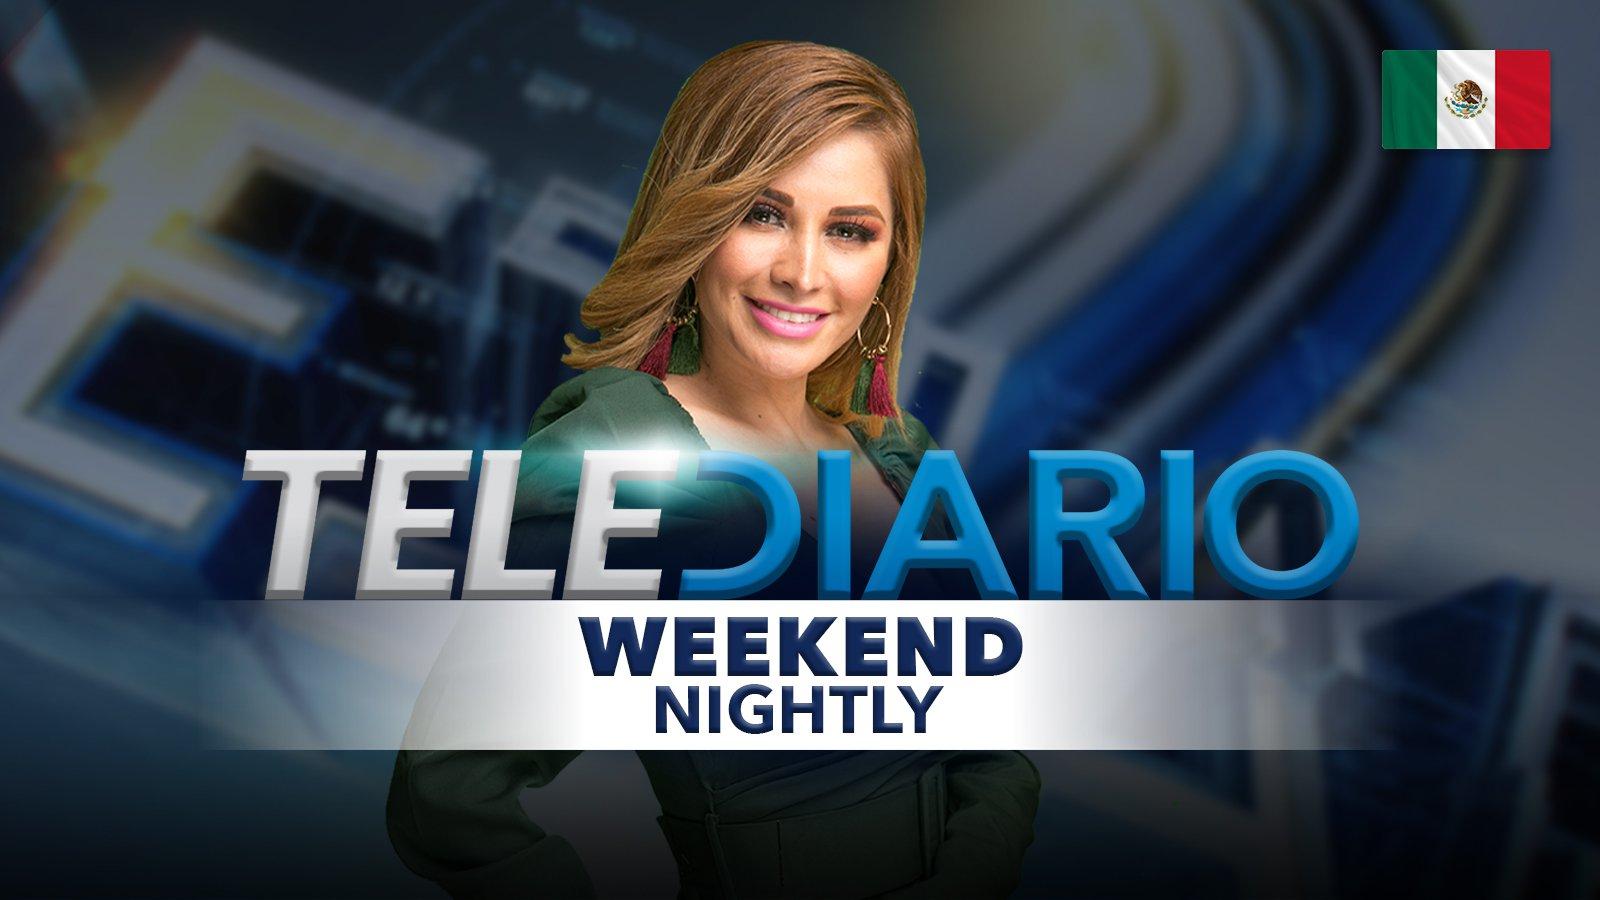 Weekend Night Telediario poster